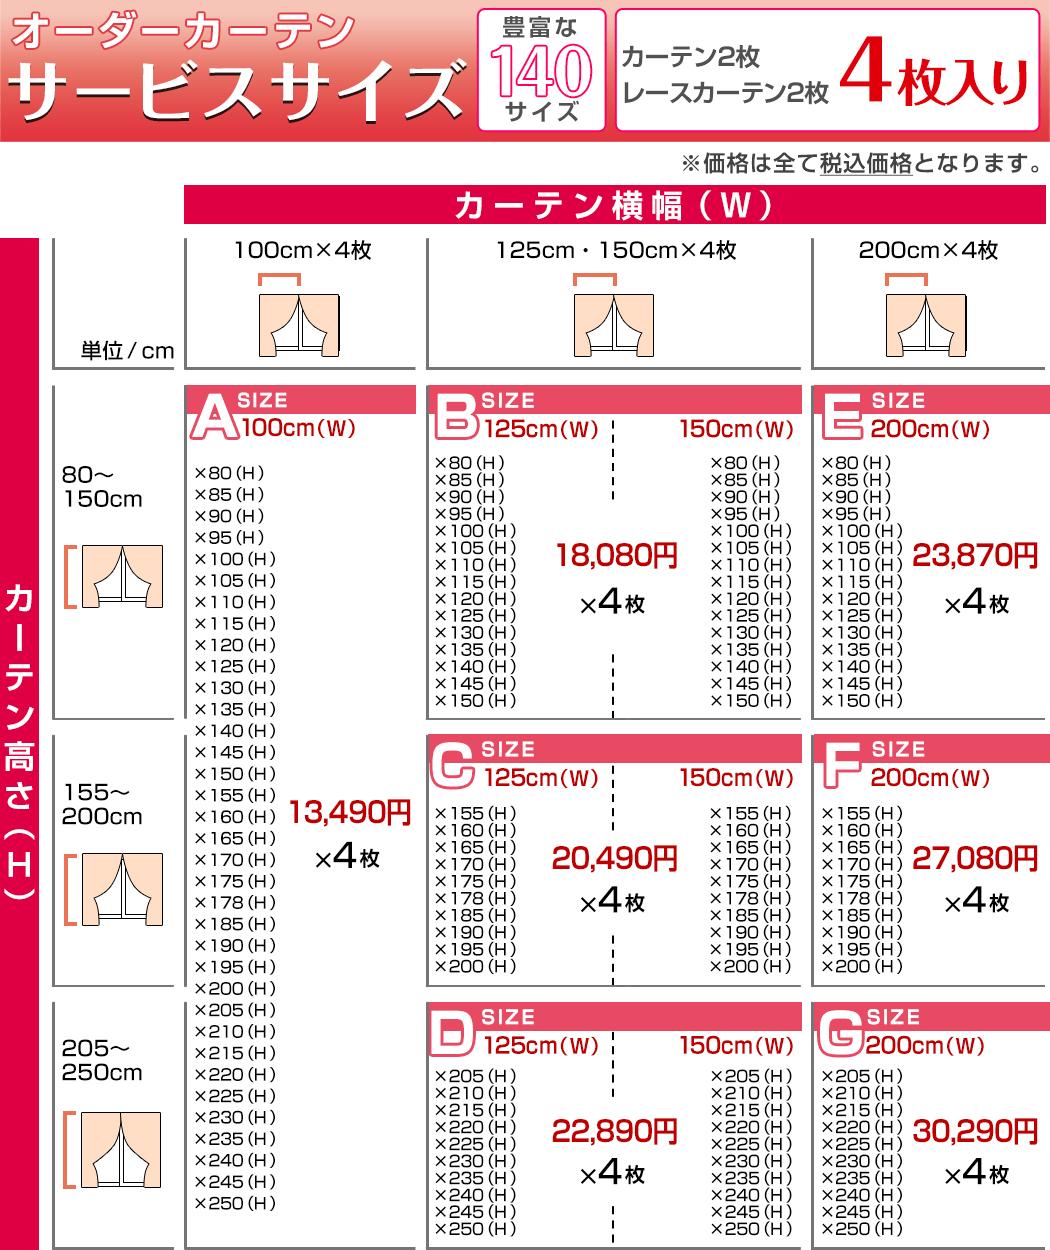 サービスサイズ表